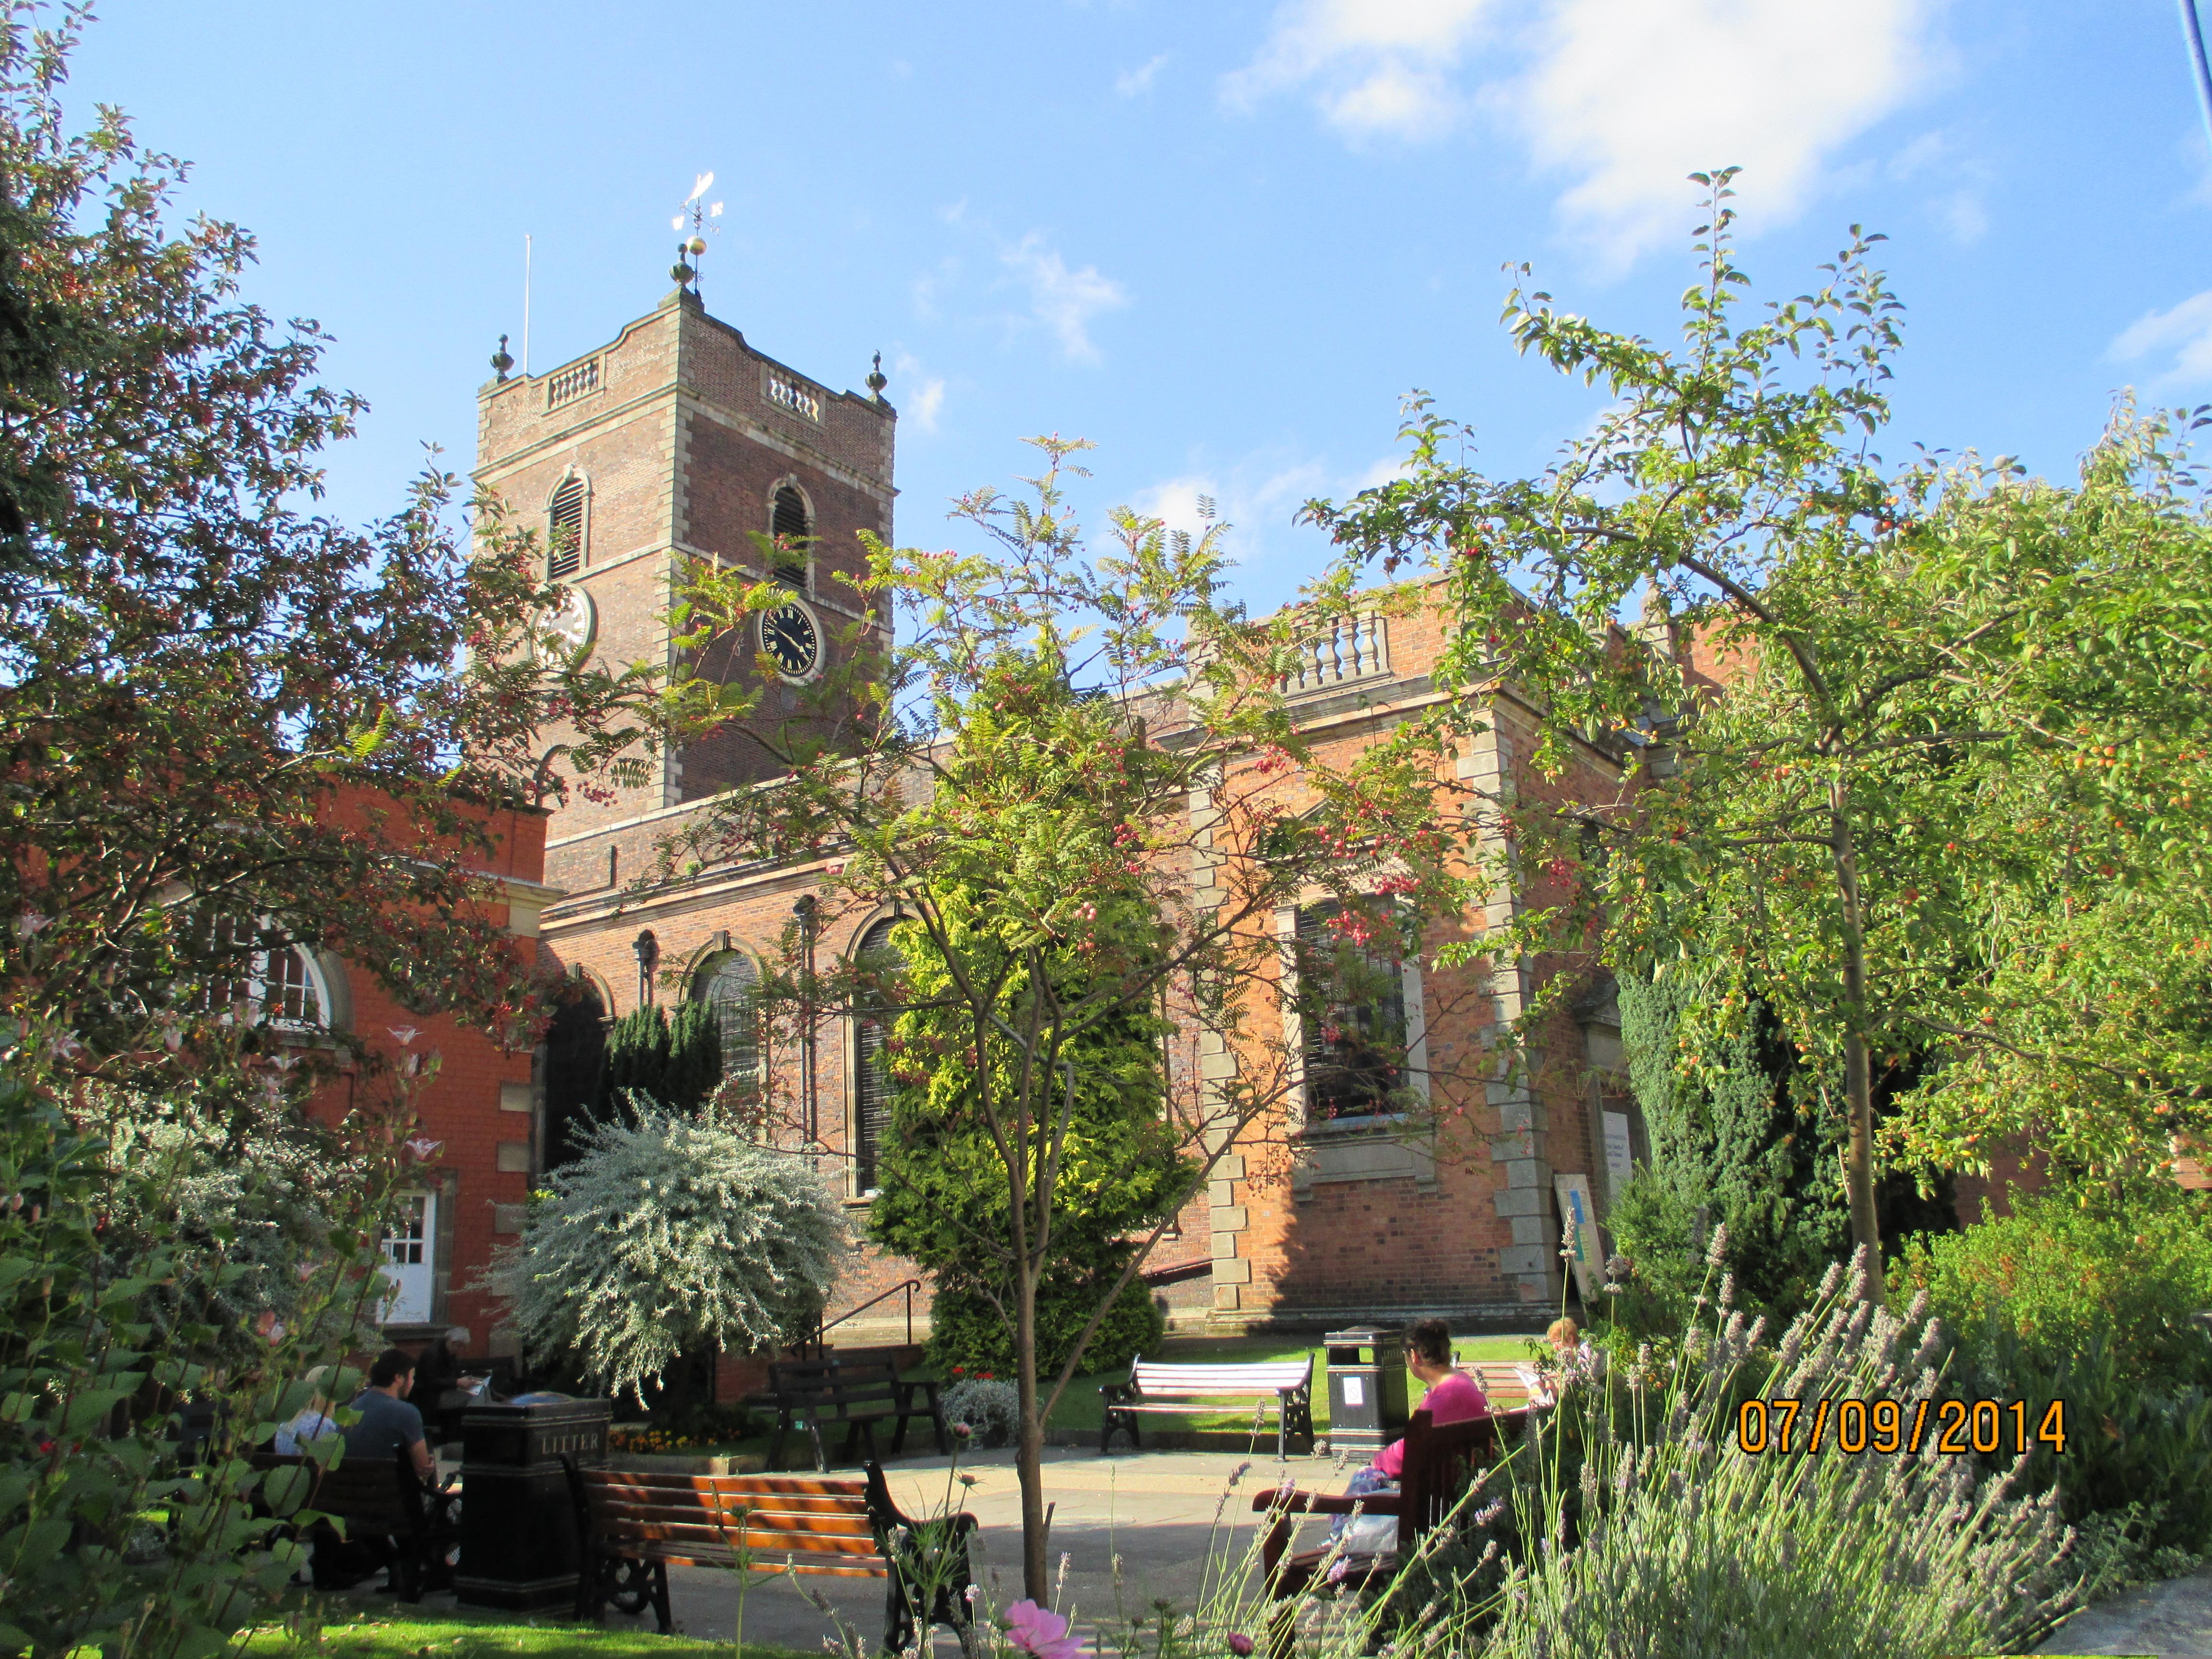 STOURBRIDGE, St Thomas, West Midlands